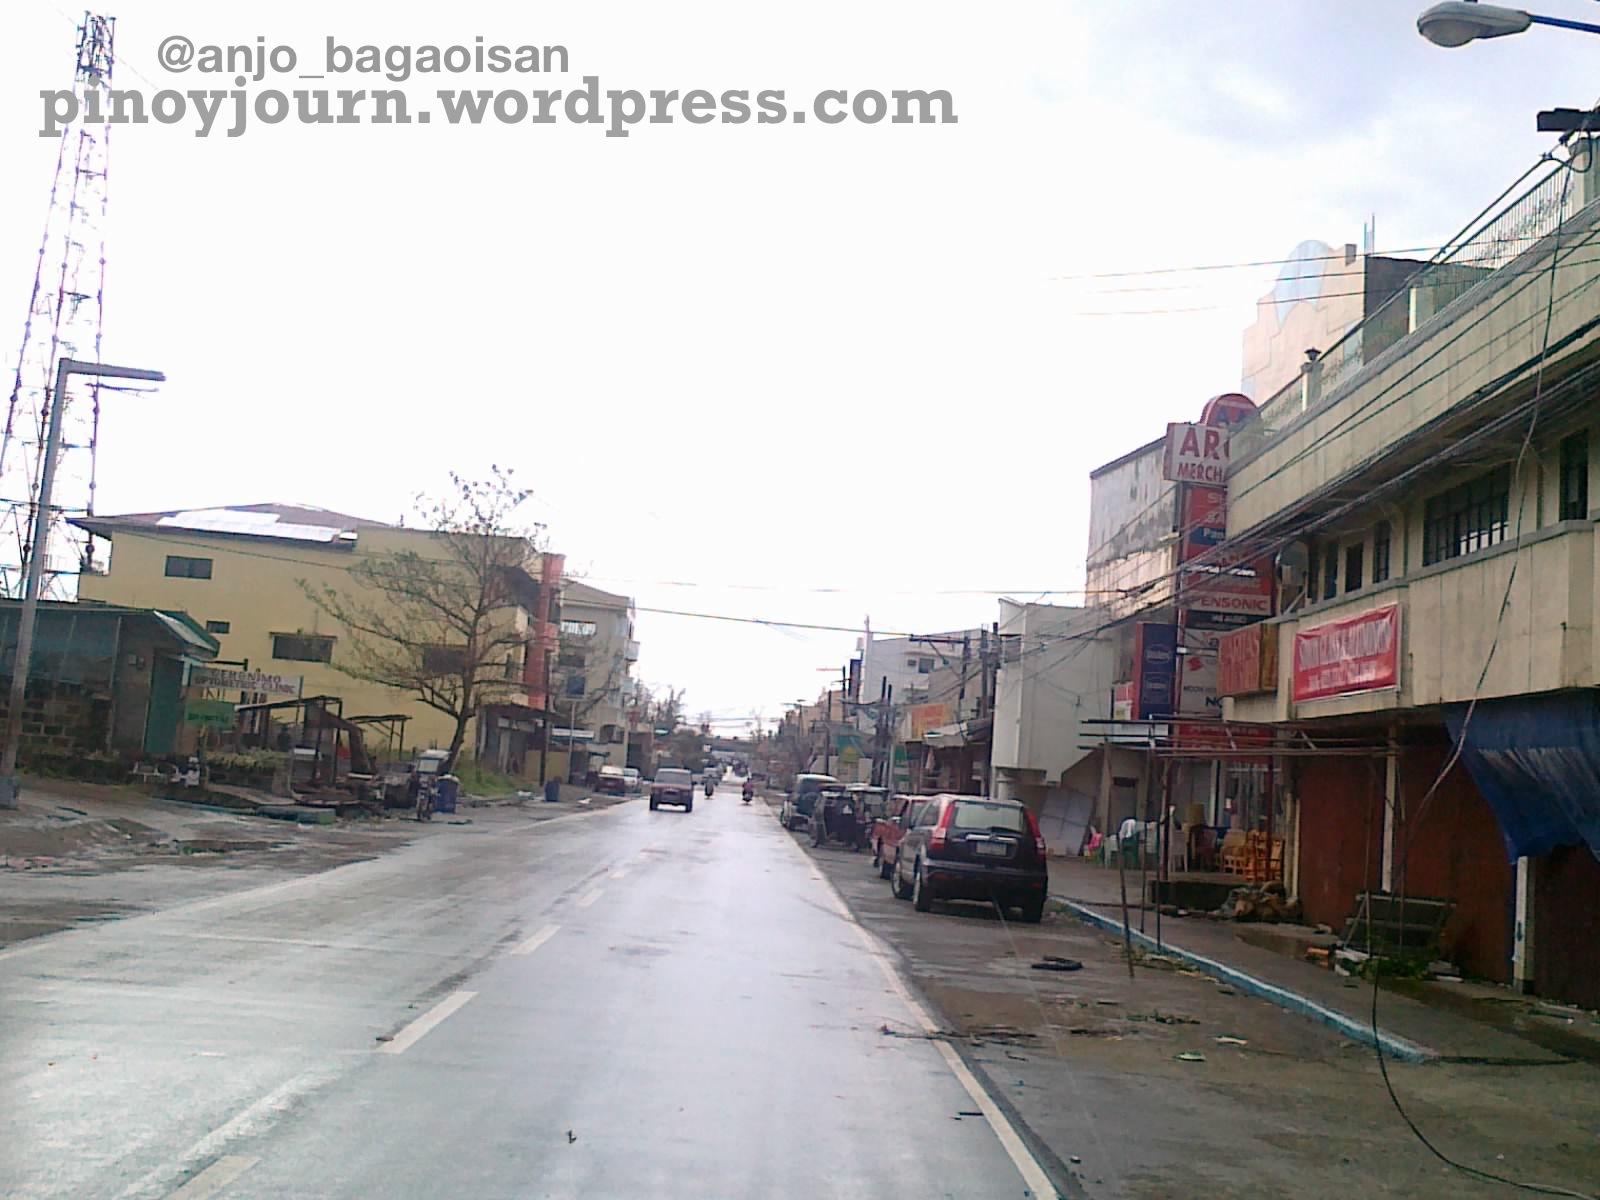 Ilagan isabela philippines